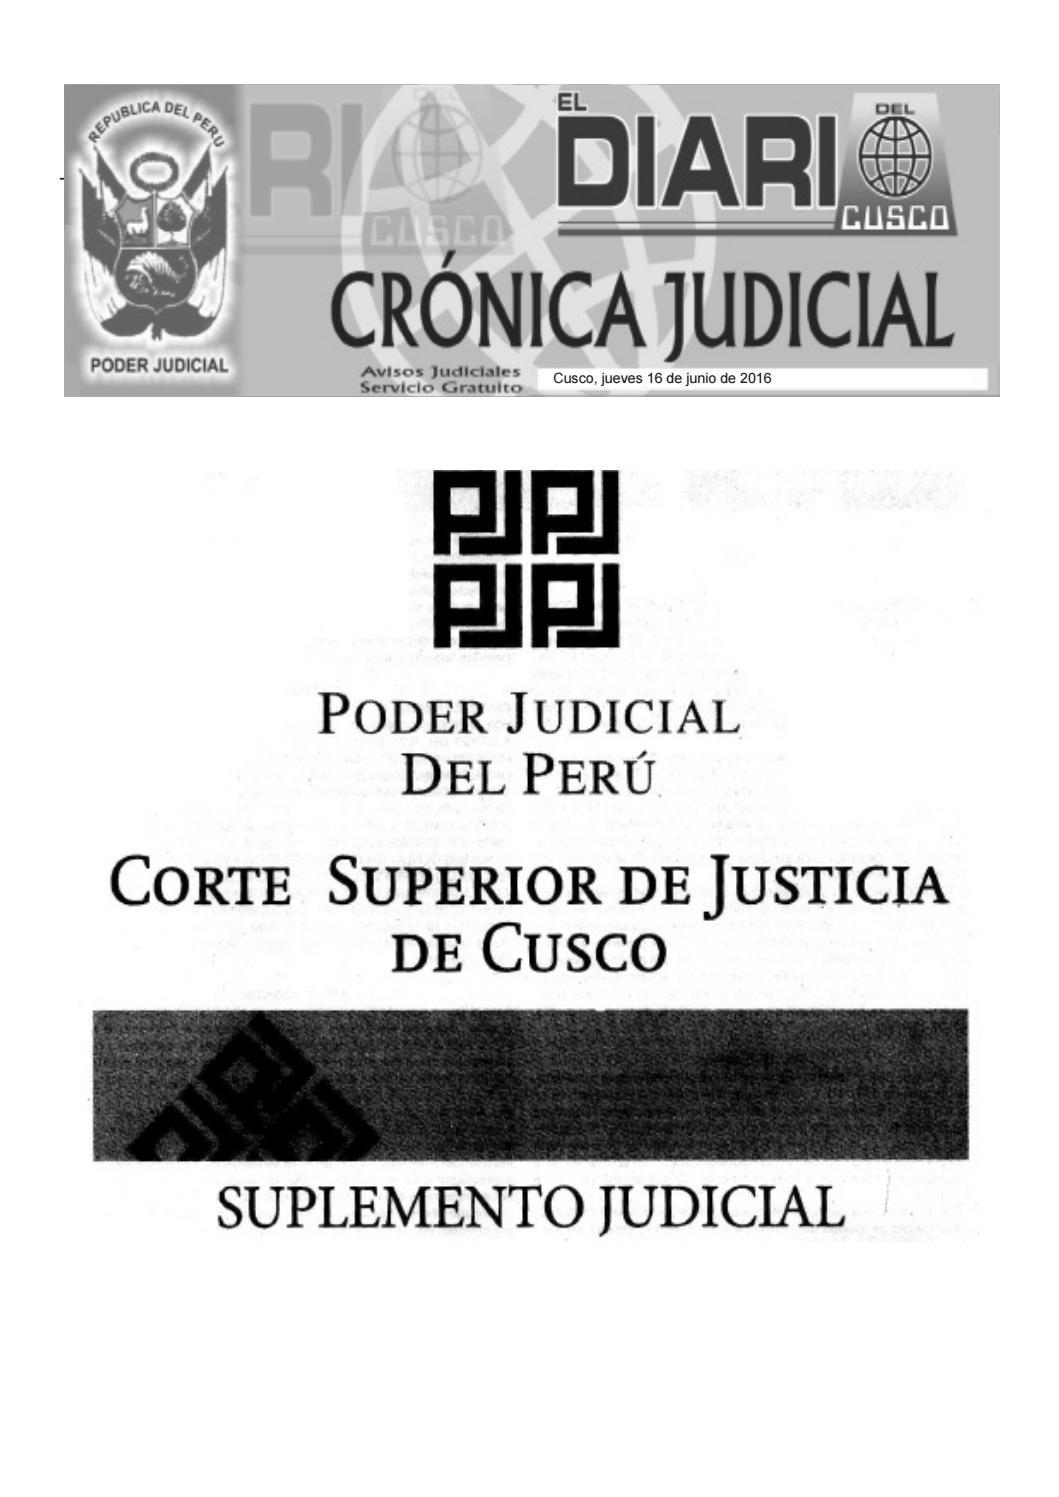 Judiciales 16 6 16 by El Diario del Cusco - issuu